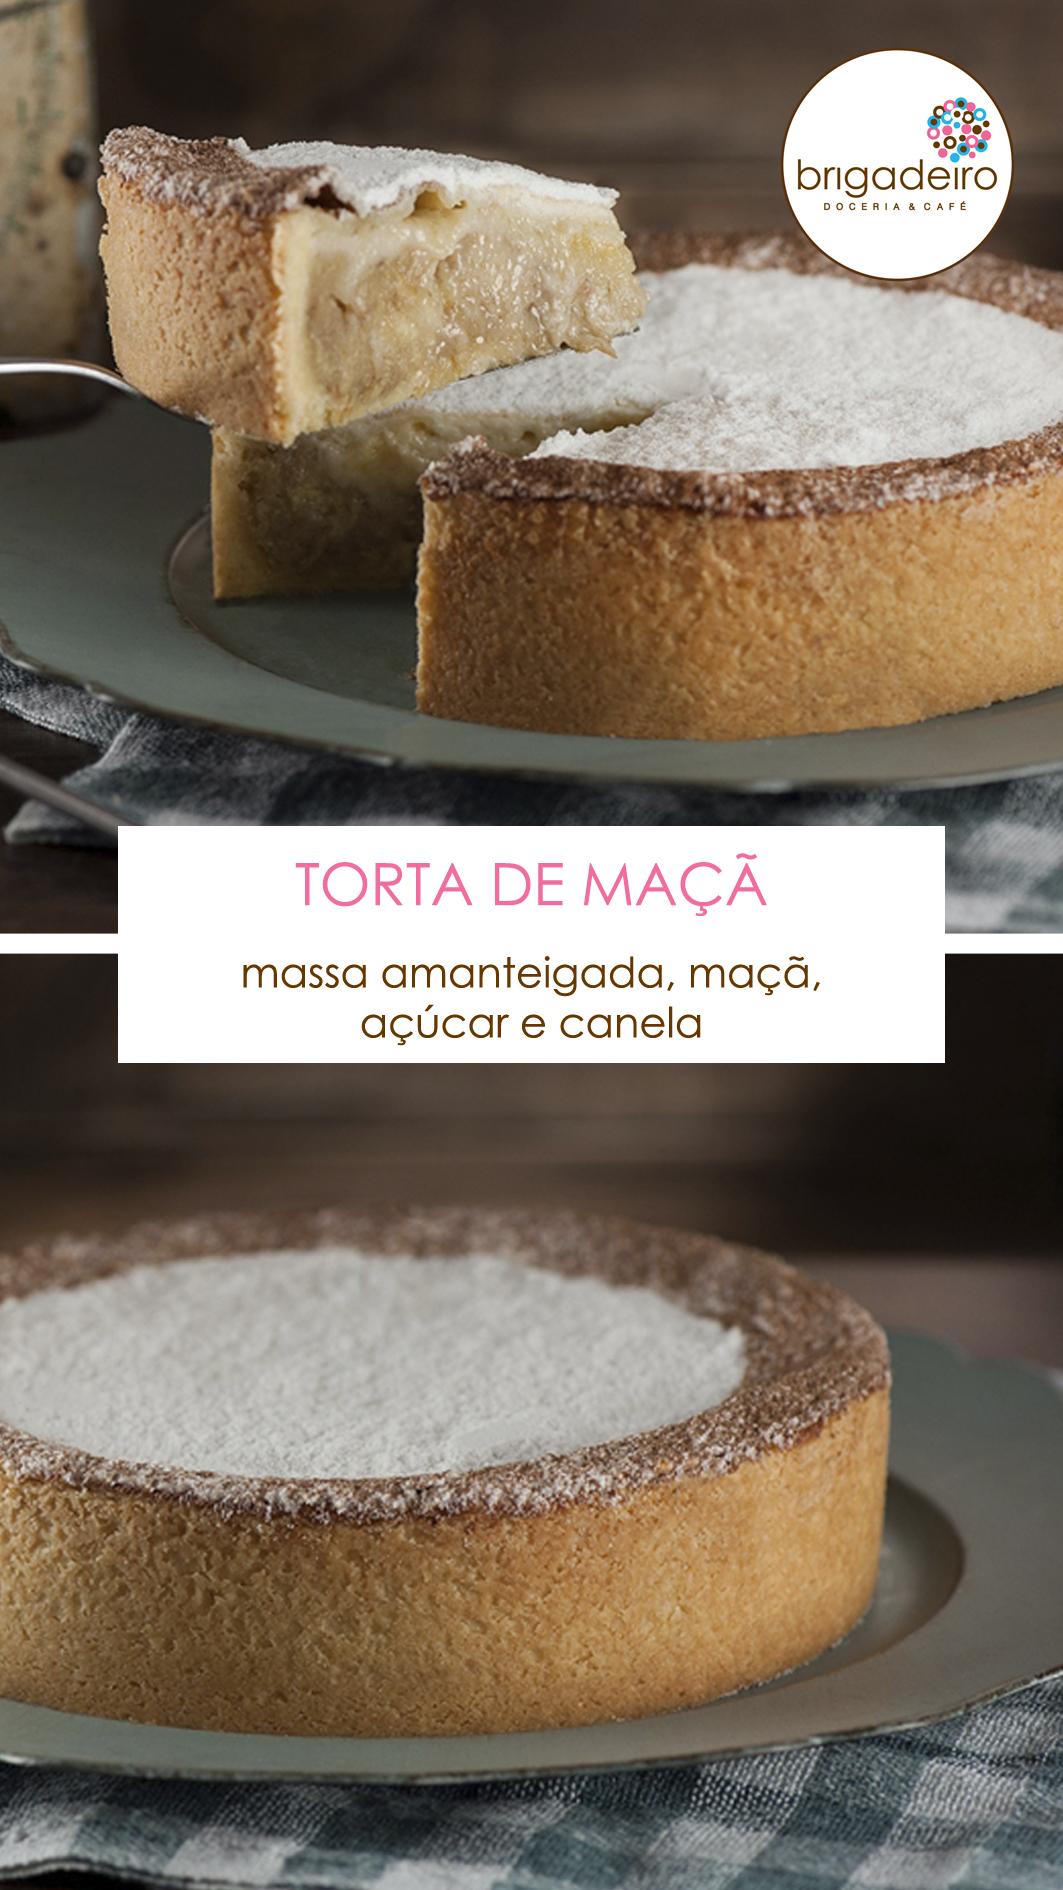 11 - TORTA DE MAÇÃ